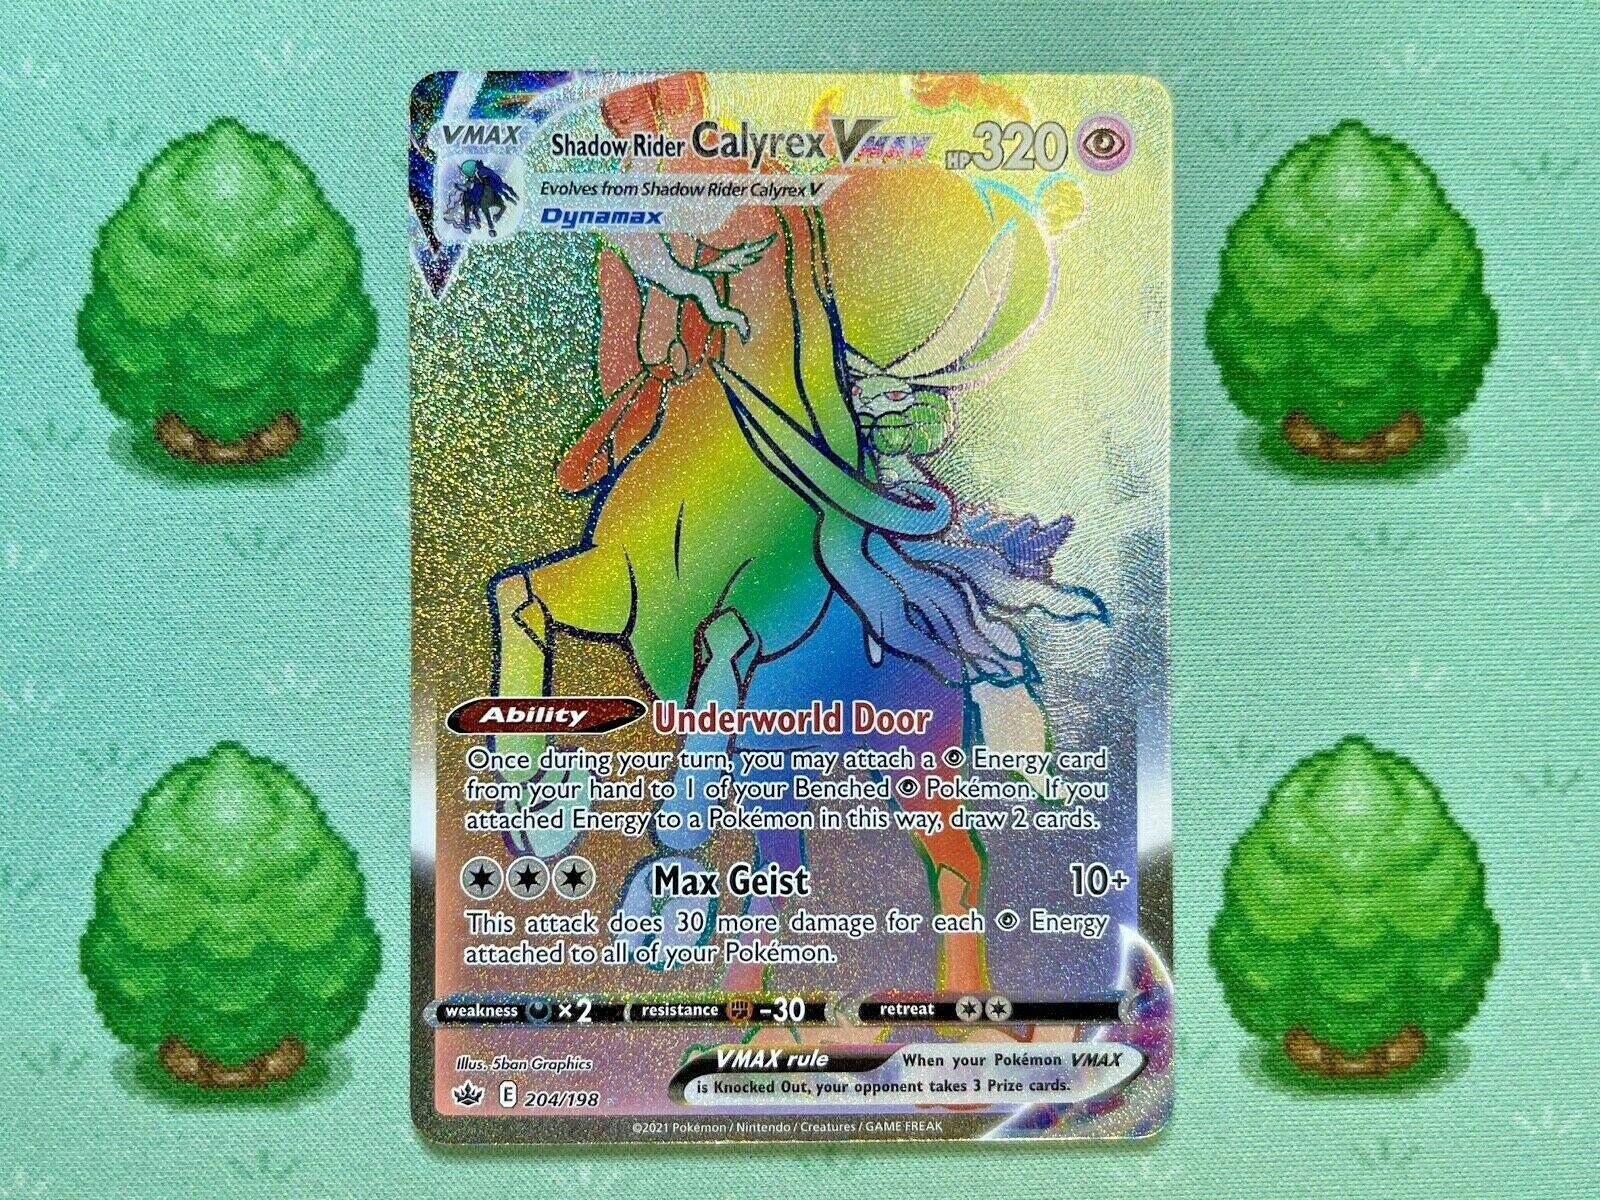 Pokemon - Shadow Rider Calyrex VMAX - 204/198 - Chilling Reign - Secret Rare